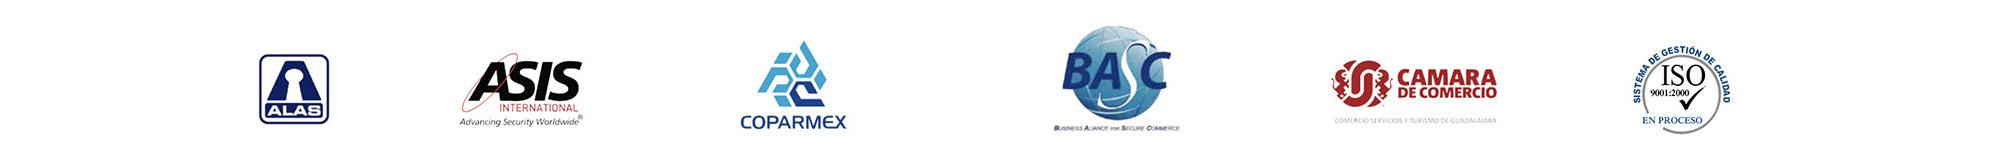 Sistema de Seguridad Monitoreo y Alarmas Residencial Hogar Casa Negocio Certificaciones - Monitoreo BBOX | Sistemas de Seguridad, Monitoreo y Alarmas Residencial y Empresarial